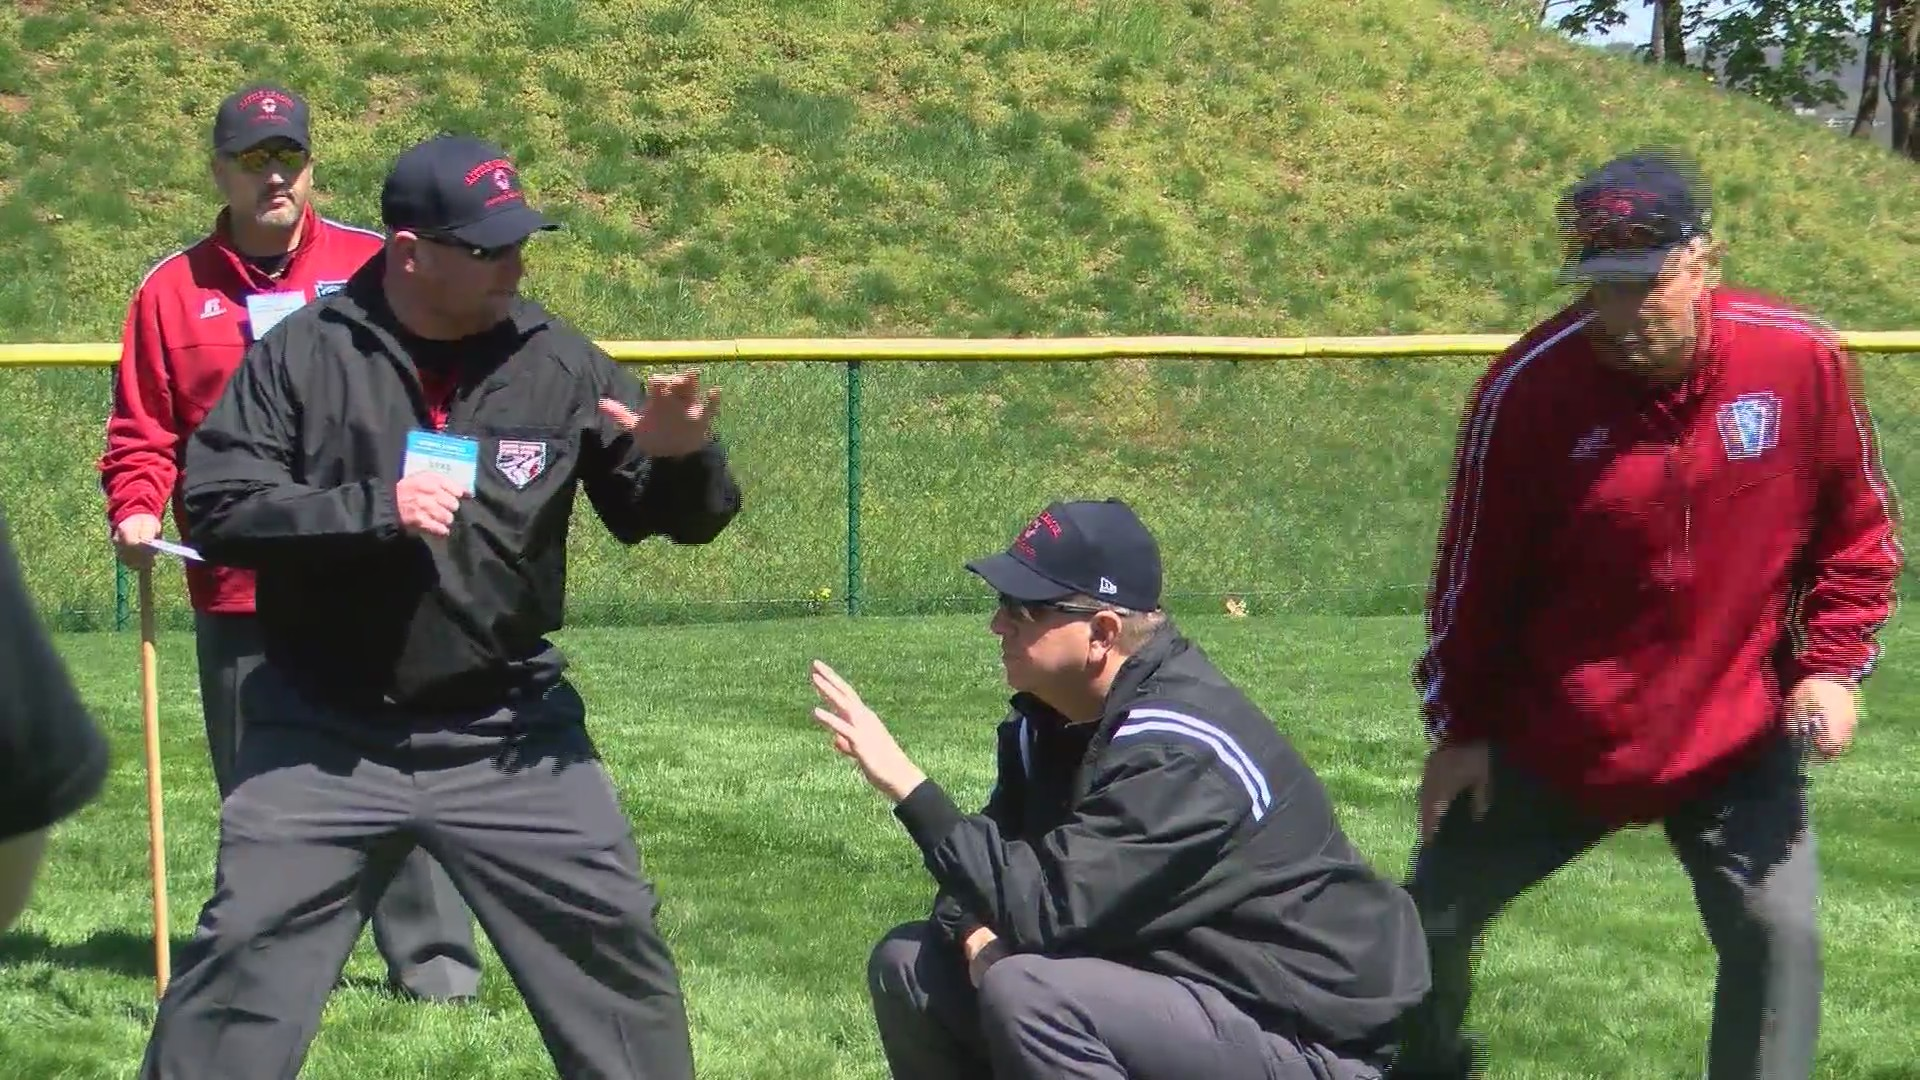 Umpire_Training_in_Williamsport_0_20190424215638-60044163